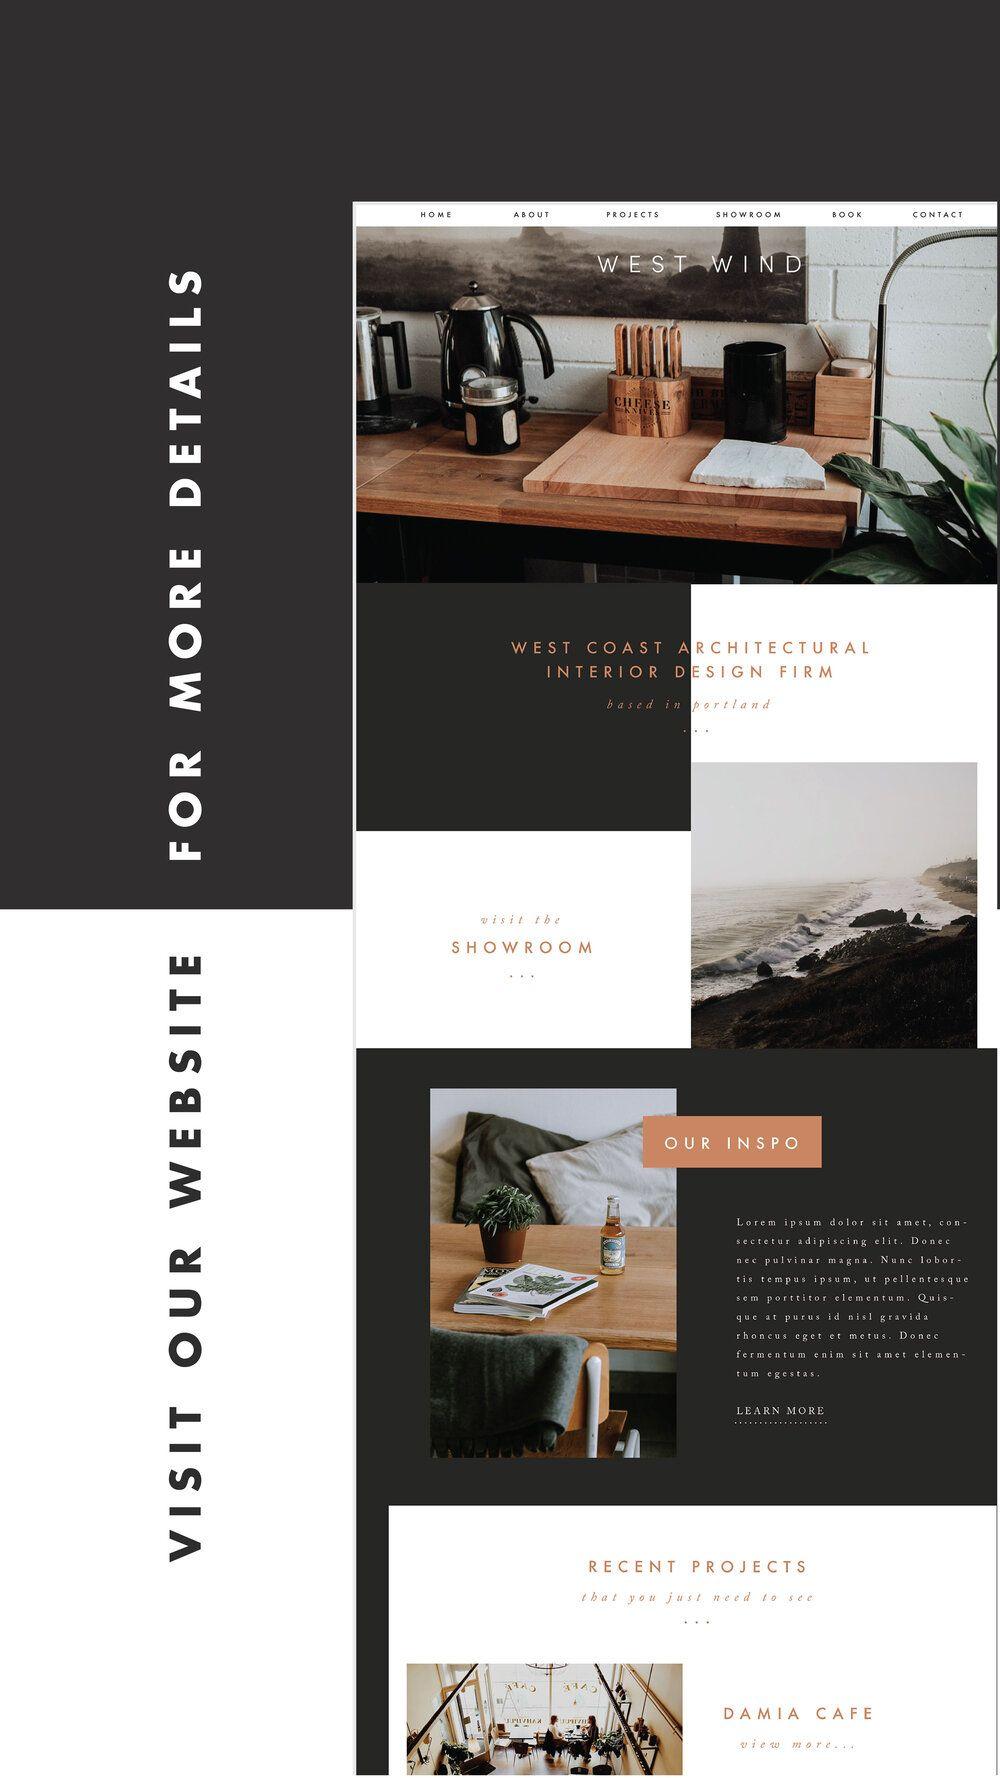 Architect Squarespace Website Design In 2020 Squarespace Website Design Website Design Squarespace Website